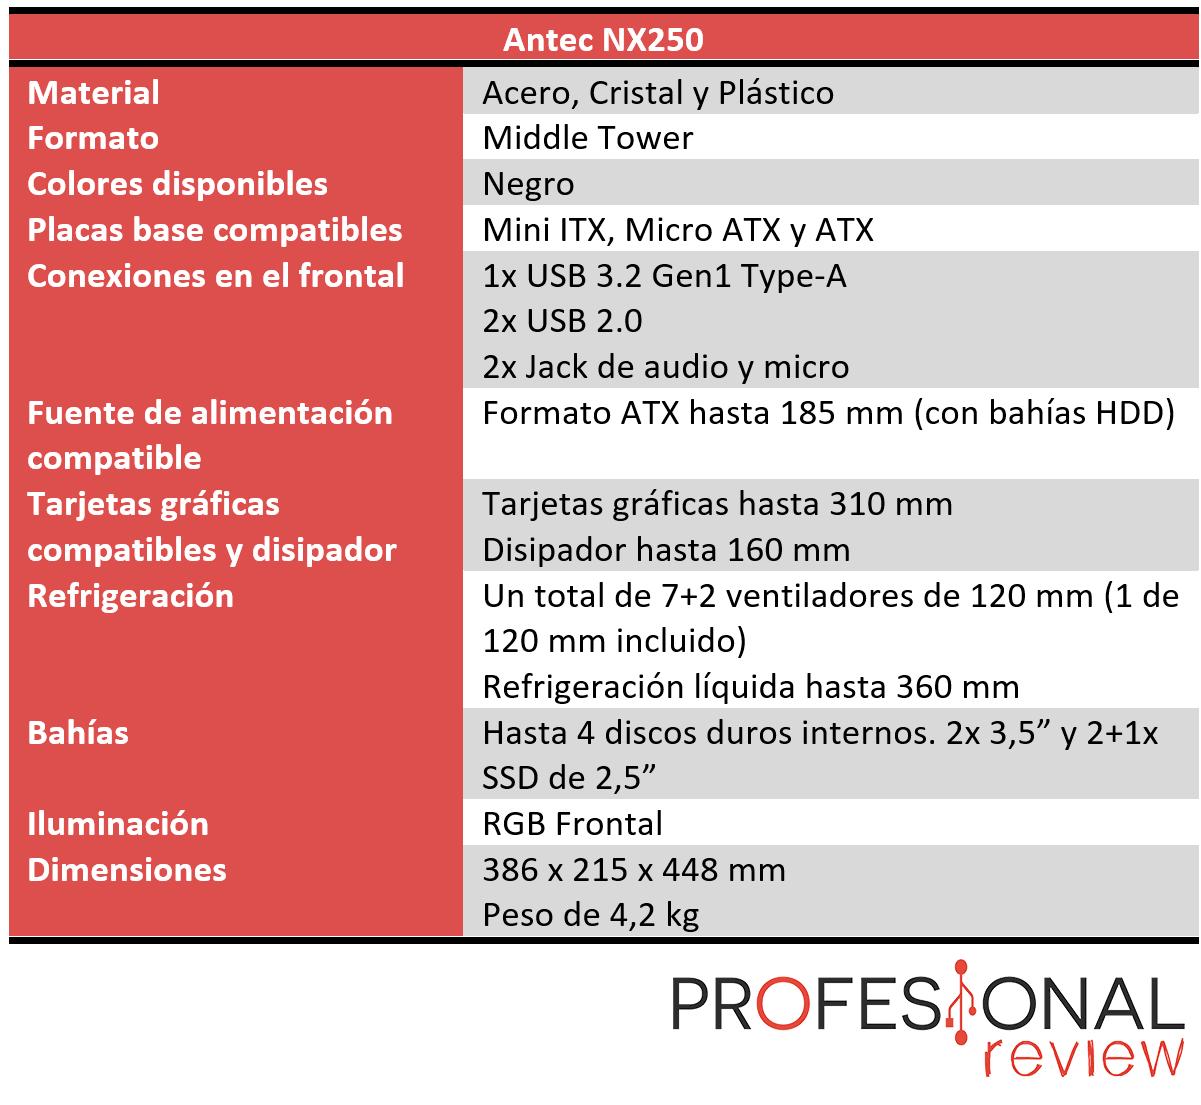 Antec NX250 Características